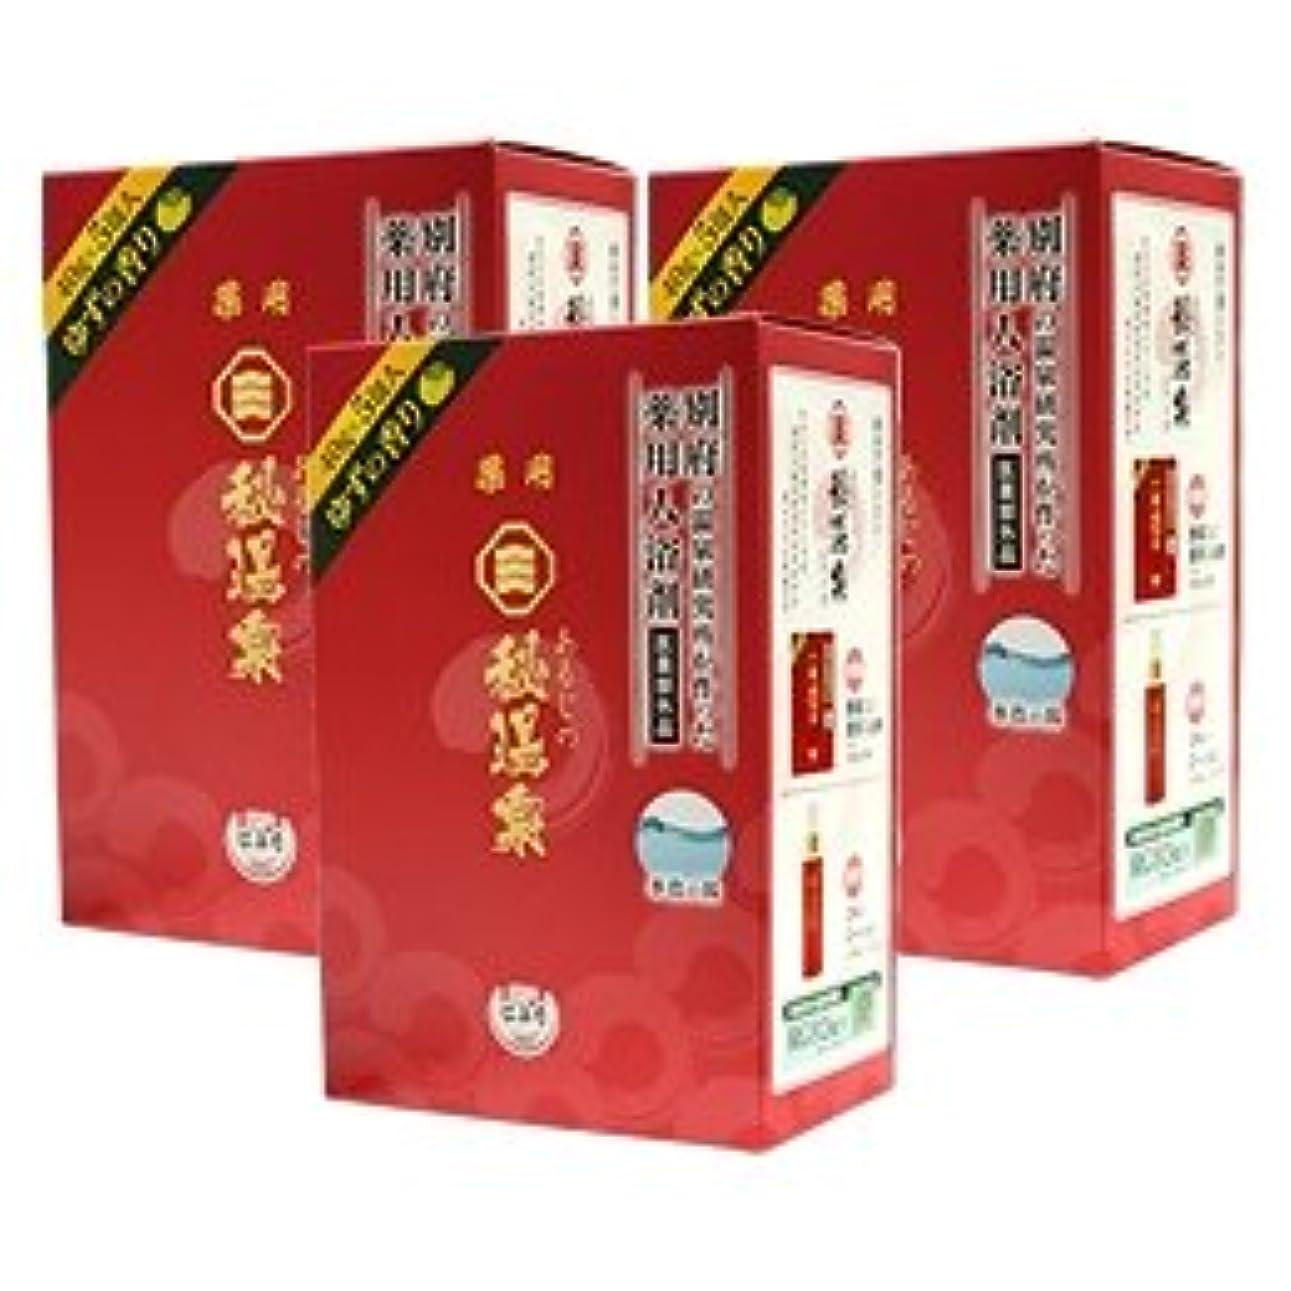 赤道酔ってニュージーランド薬用入浴剤 あるじの秘湯泉 ×3箱(1箱5包入り)セット